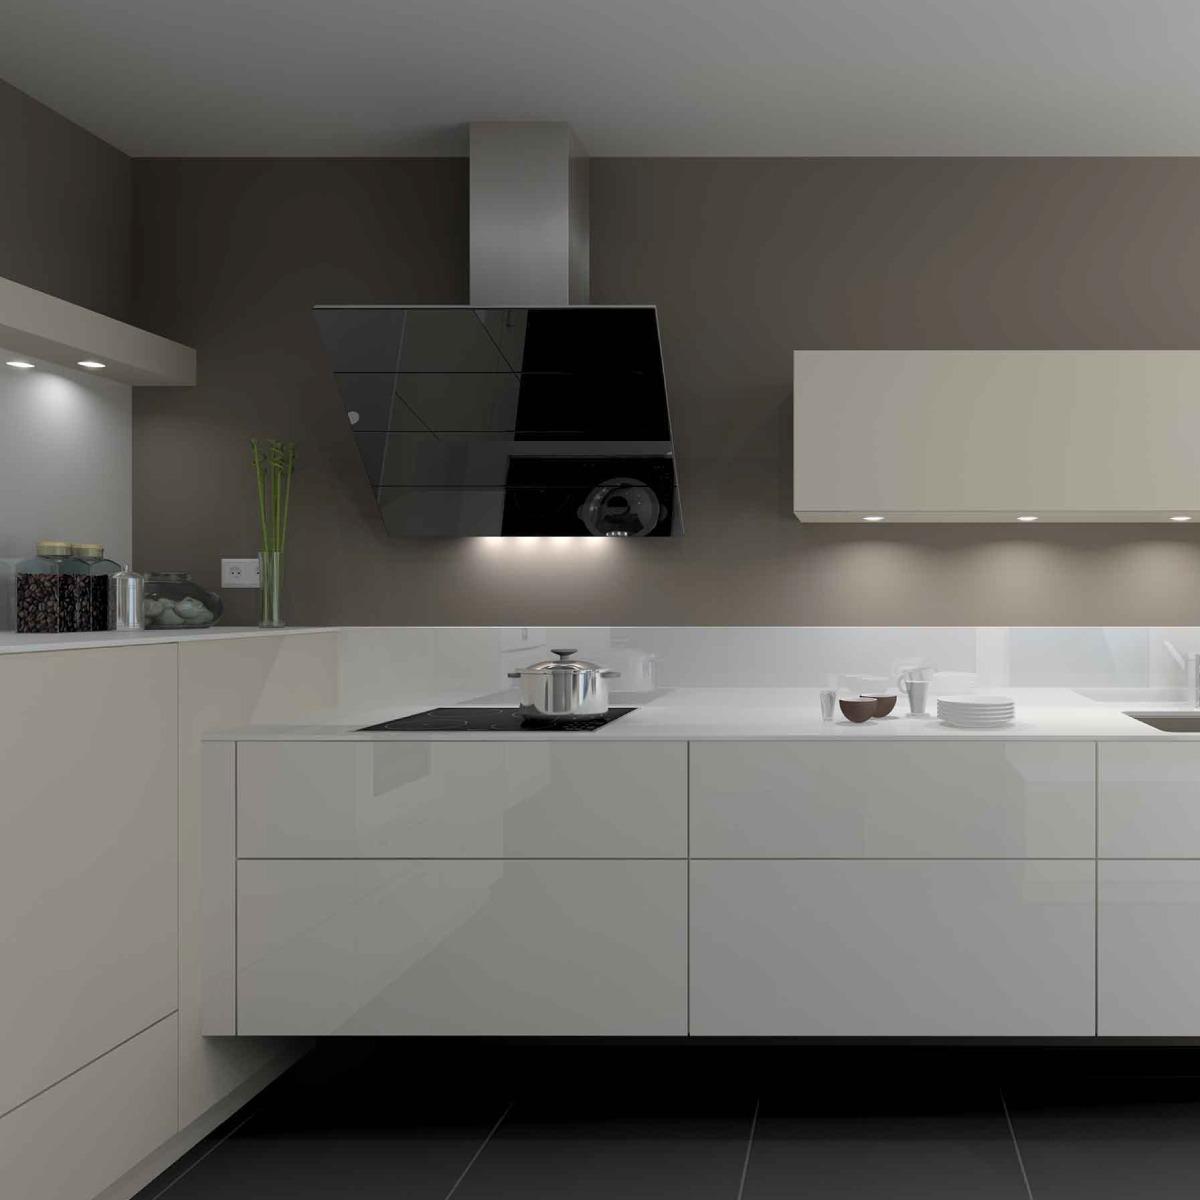 Muebles De Cocina Italianos.Cocina Minimalista Muebles De Cocina Diseno Italiano 3 500